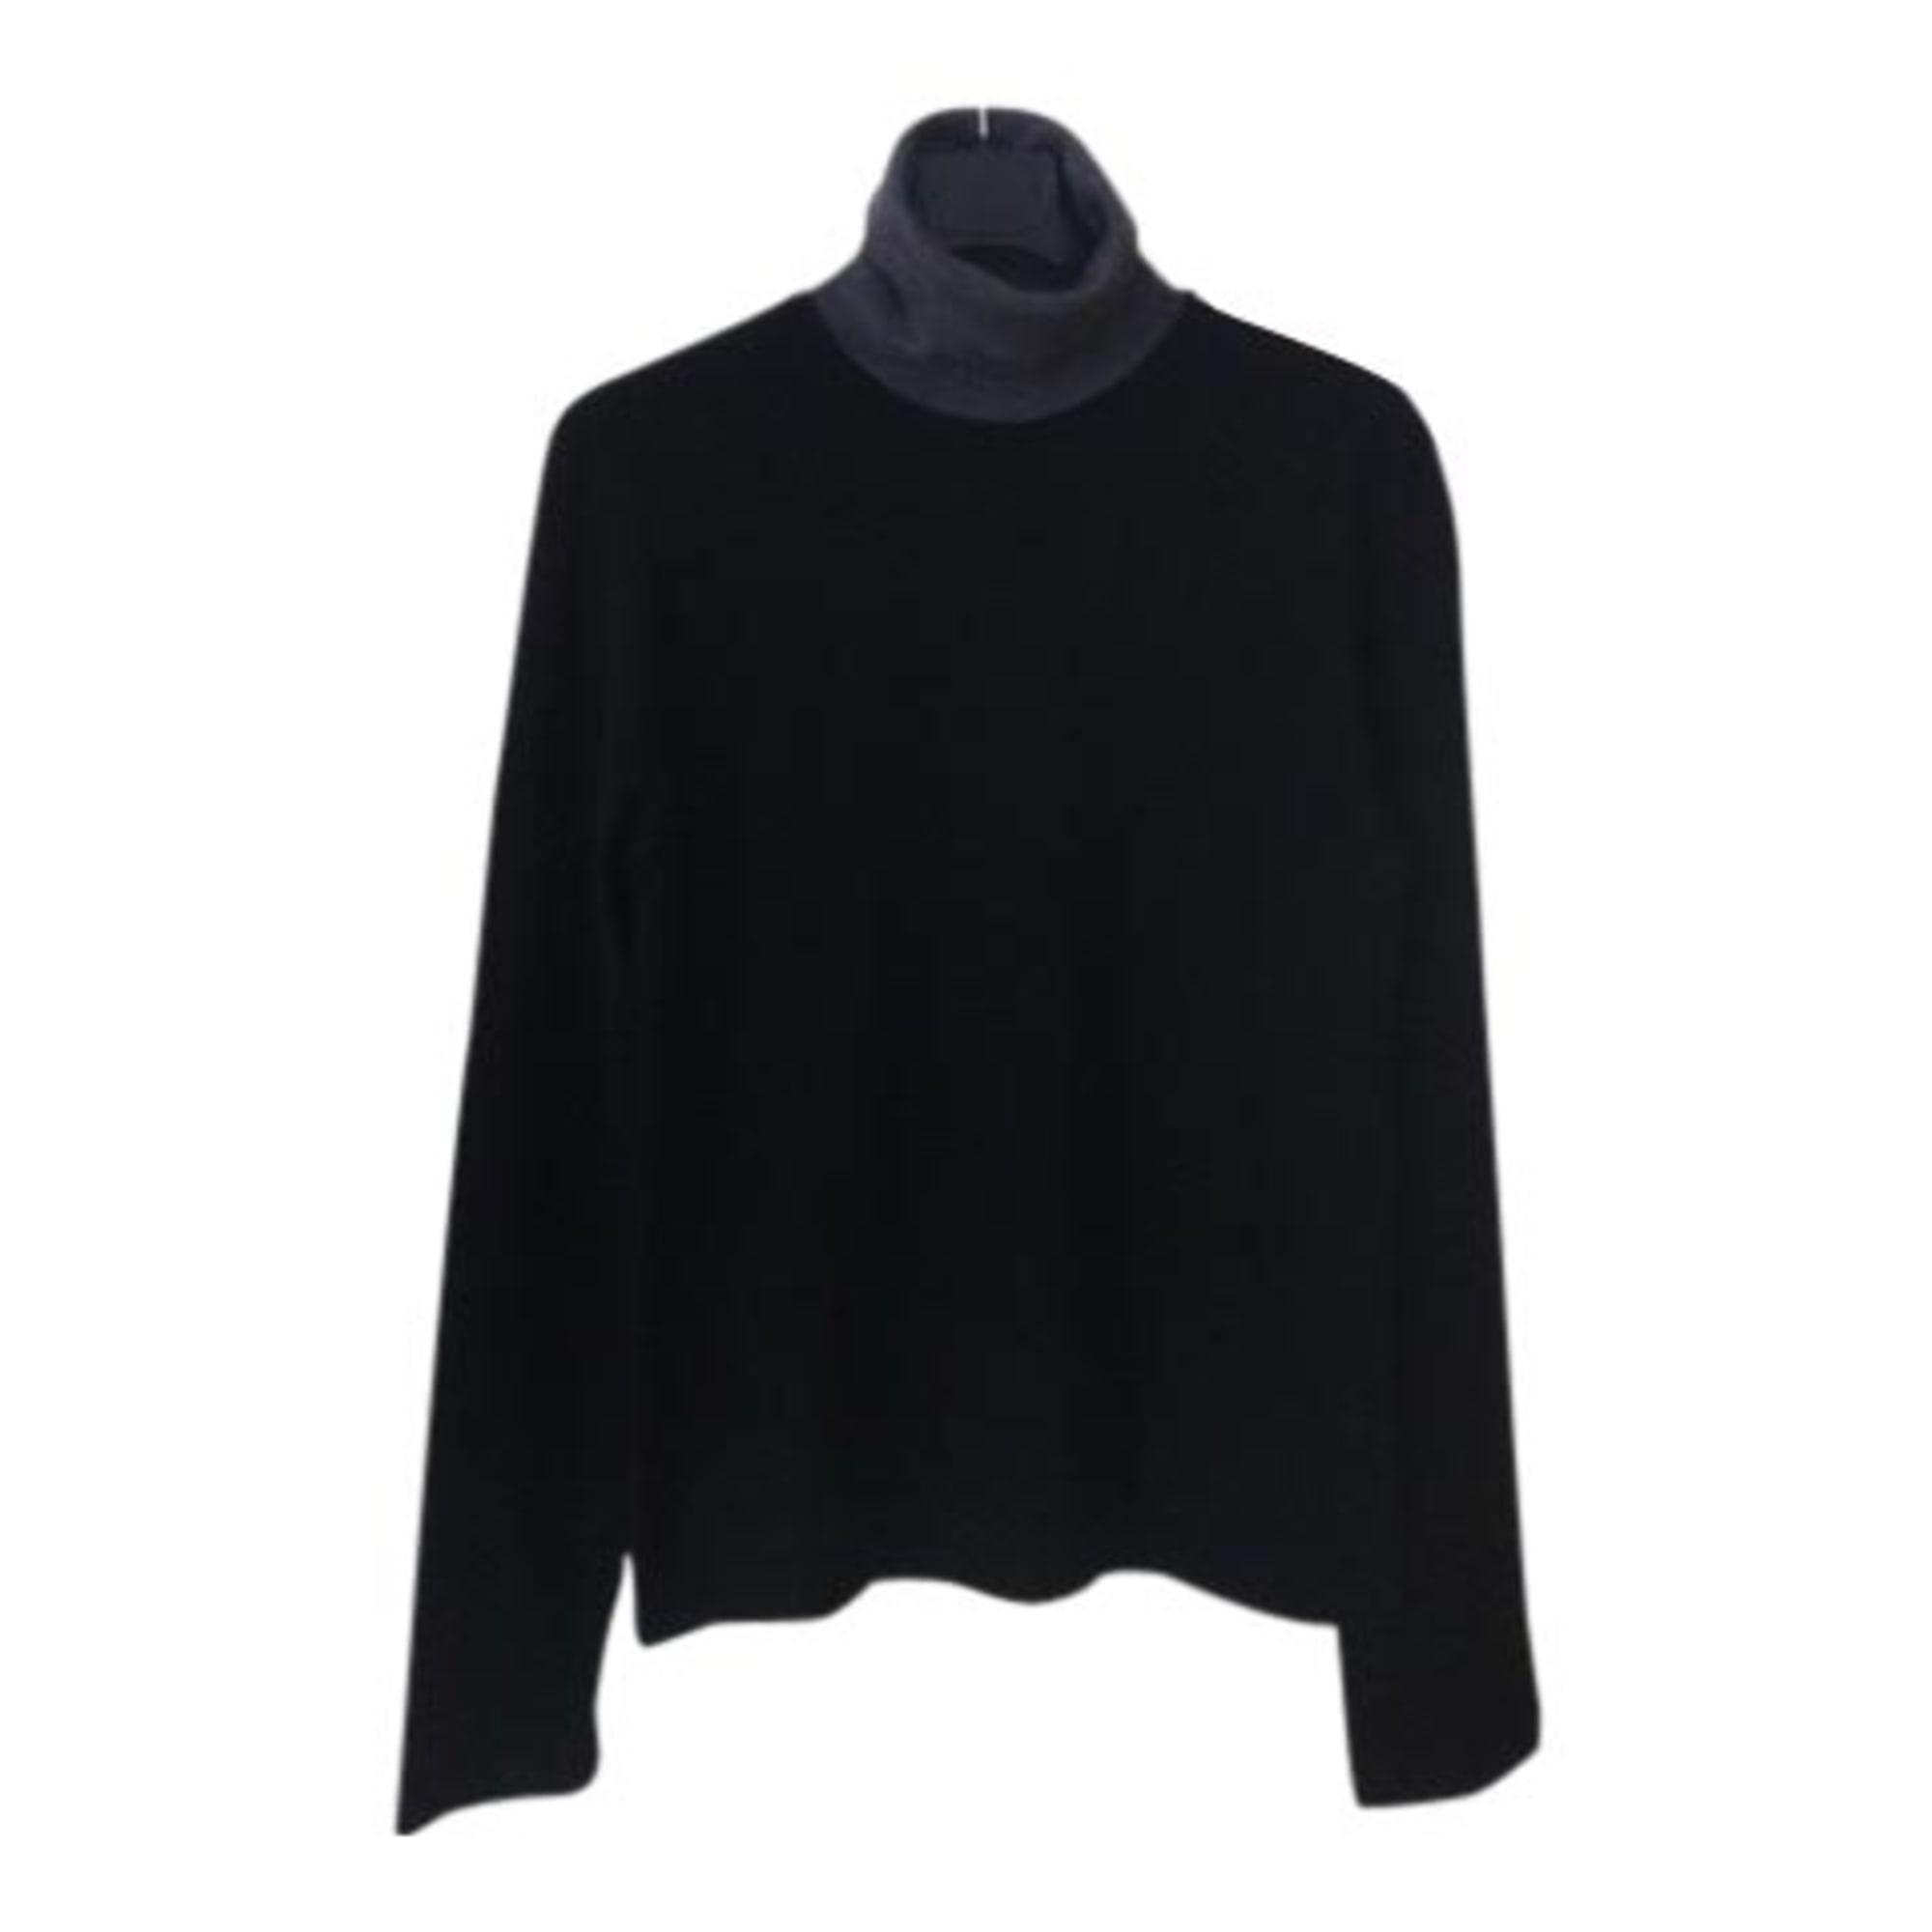 Pull DIOR HOMME 1 (S) noir vendu par D antoine 60456150 - 1672323 63490a4a868